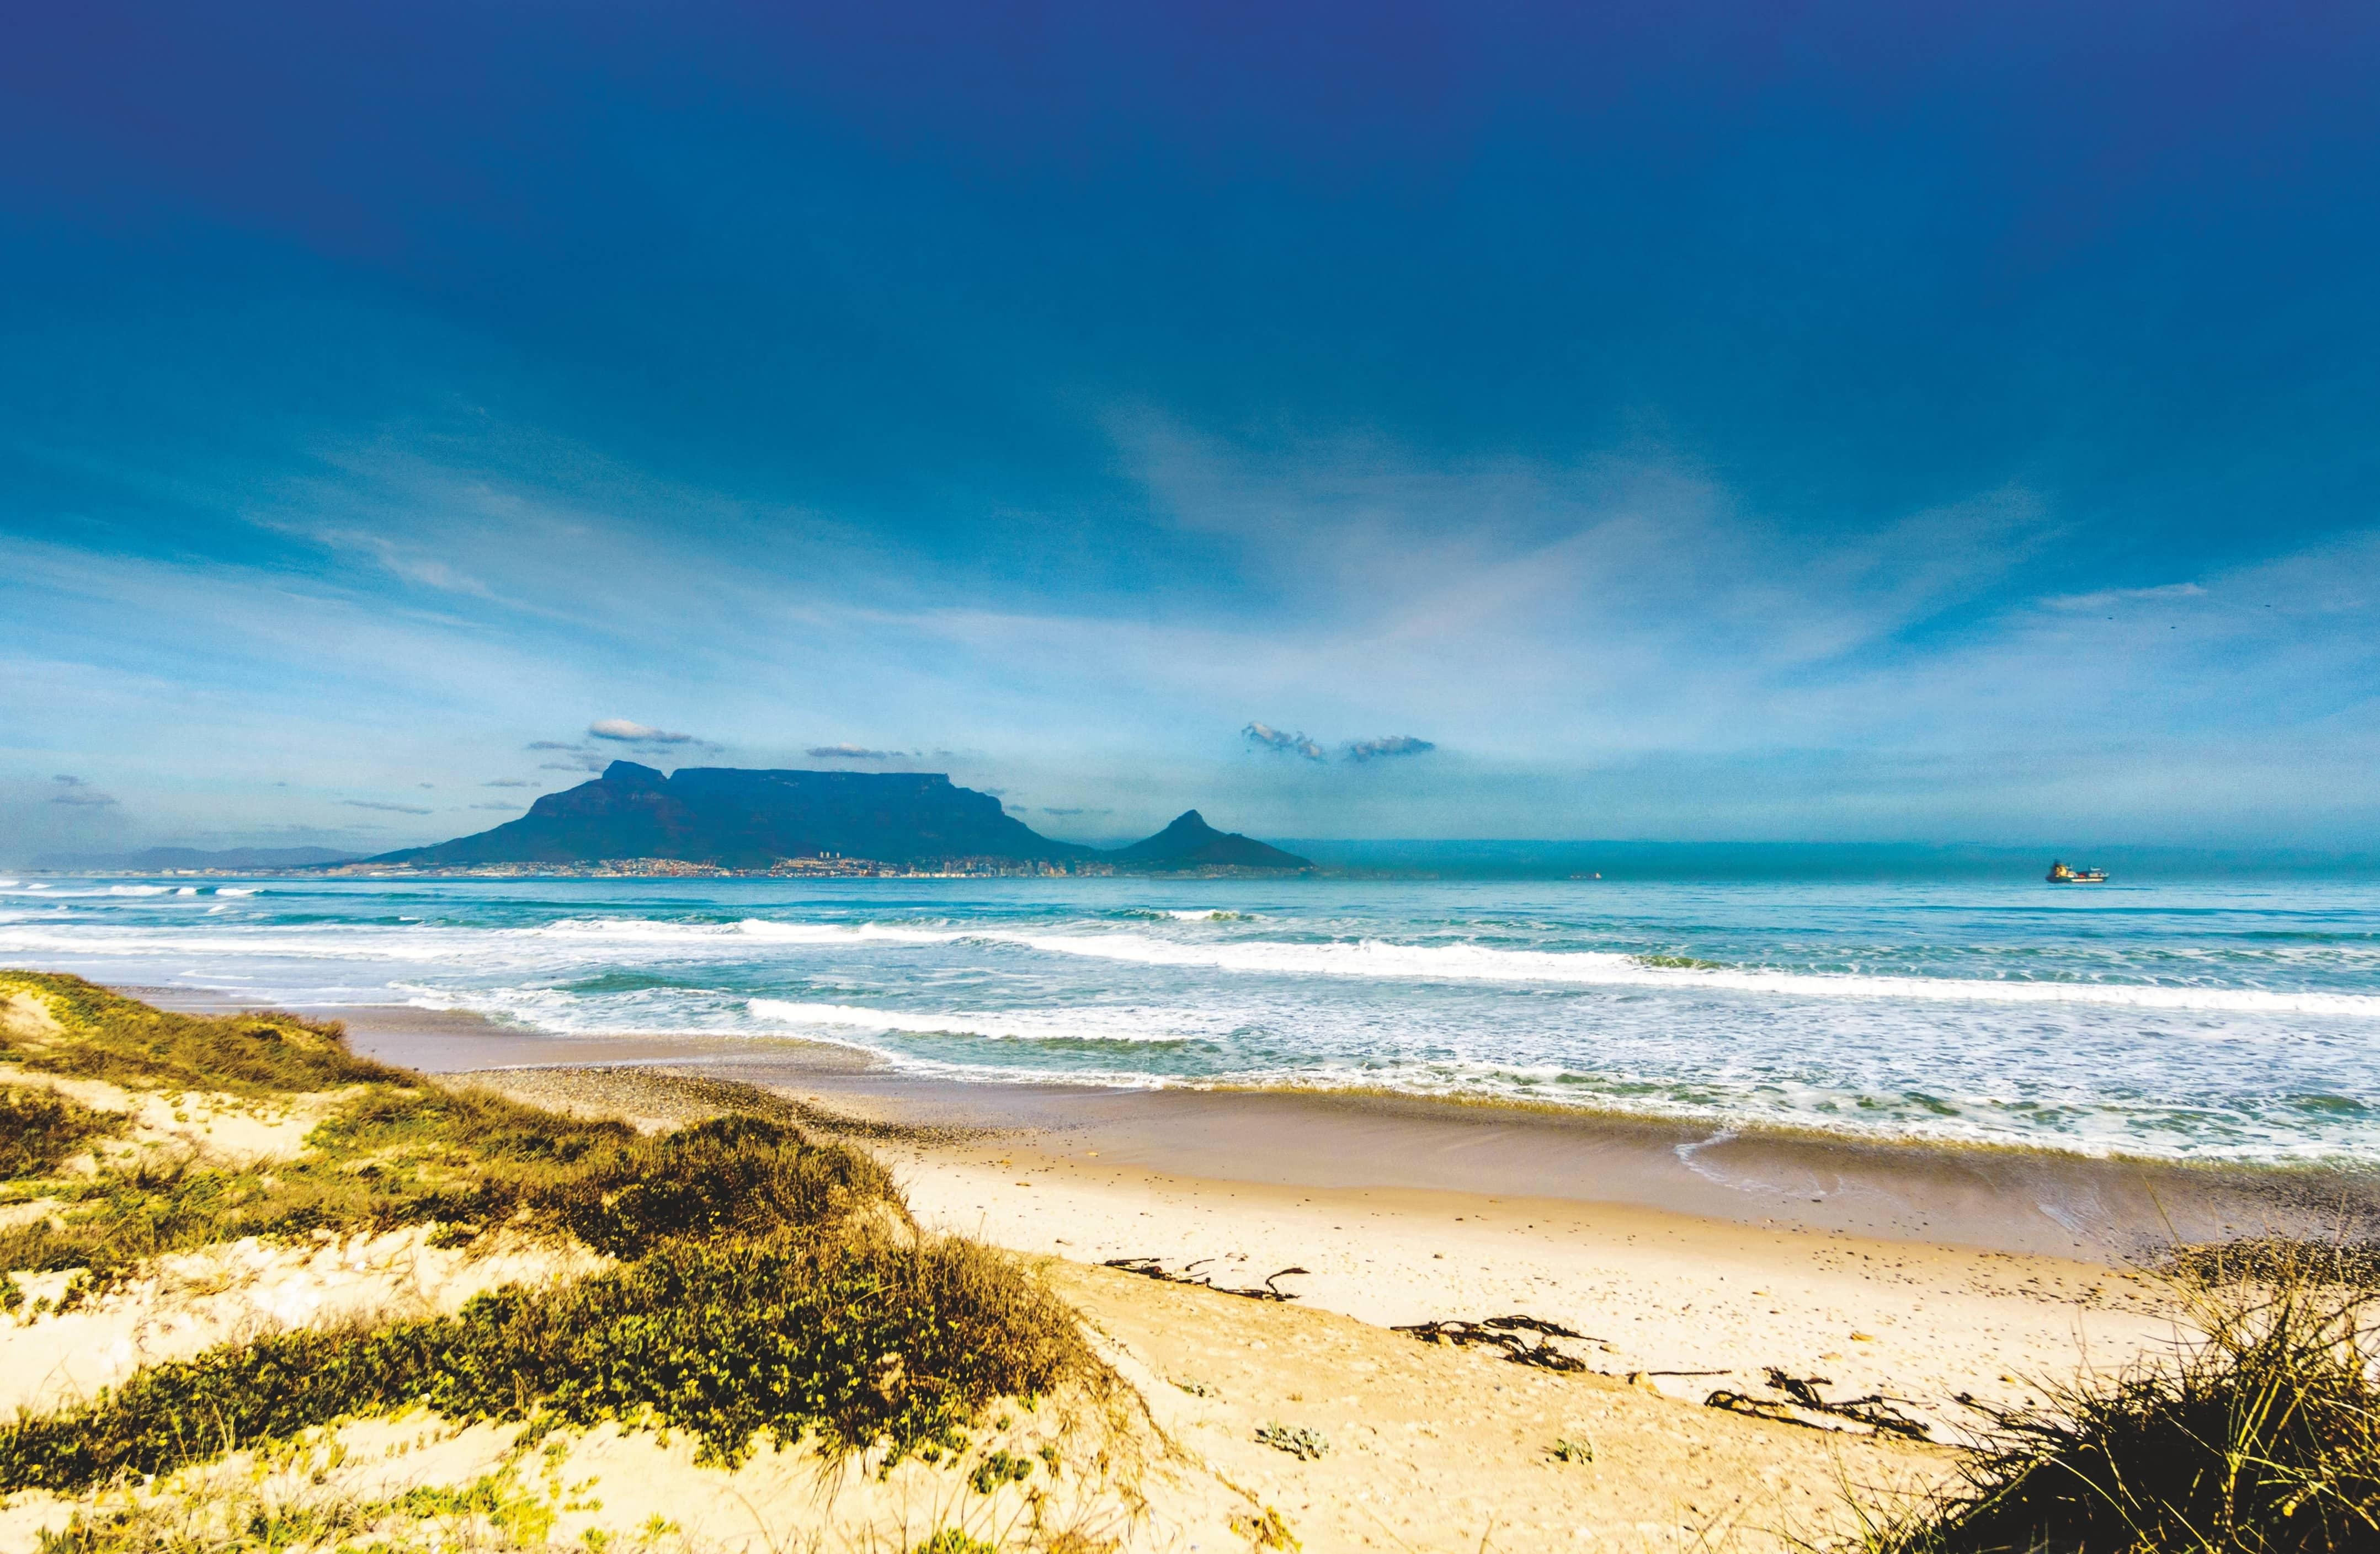 SOUTH AFRICA'S FATEFUL SHIPWRECK